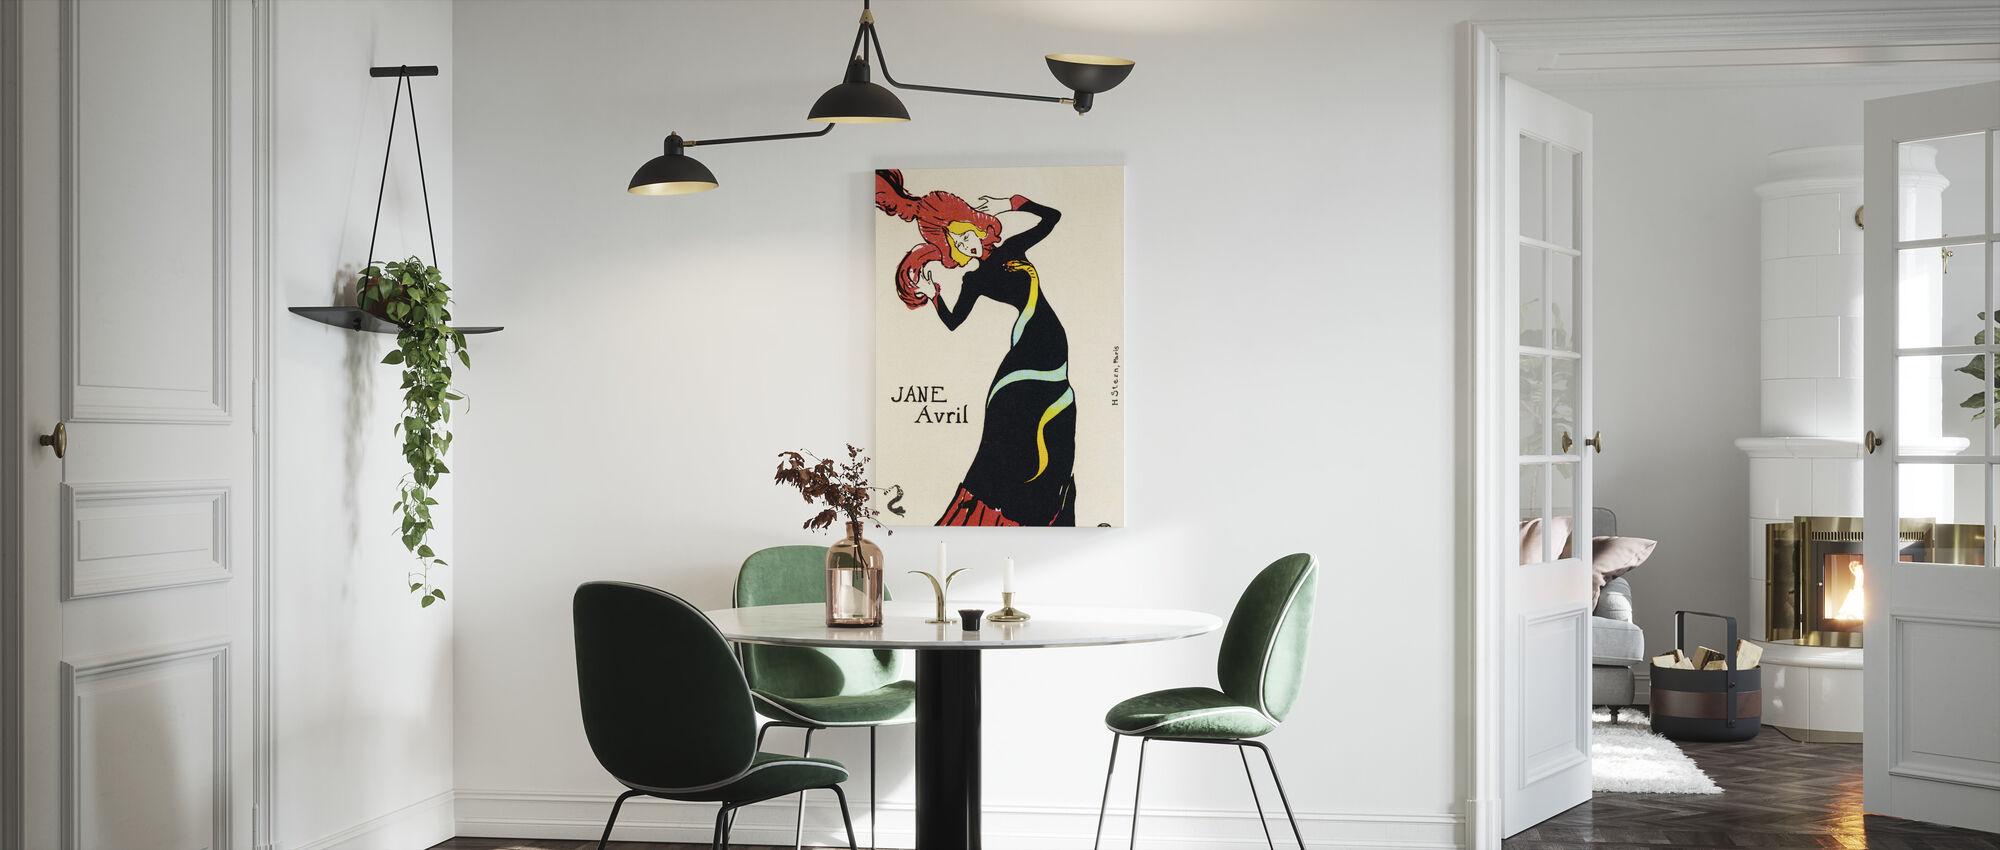 Jane Avril, Henri Toulouse Lautrec - Lerretsbilde - Kjøkken